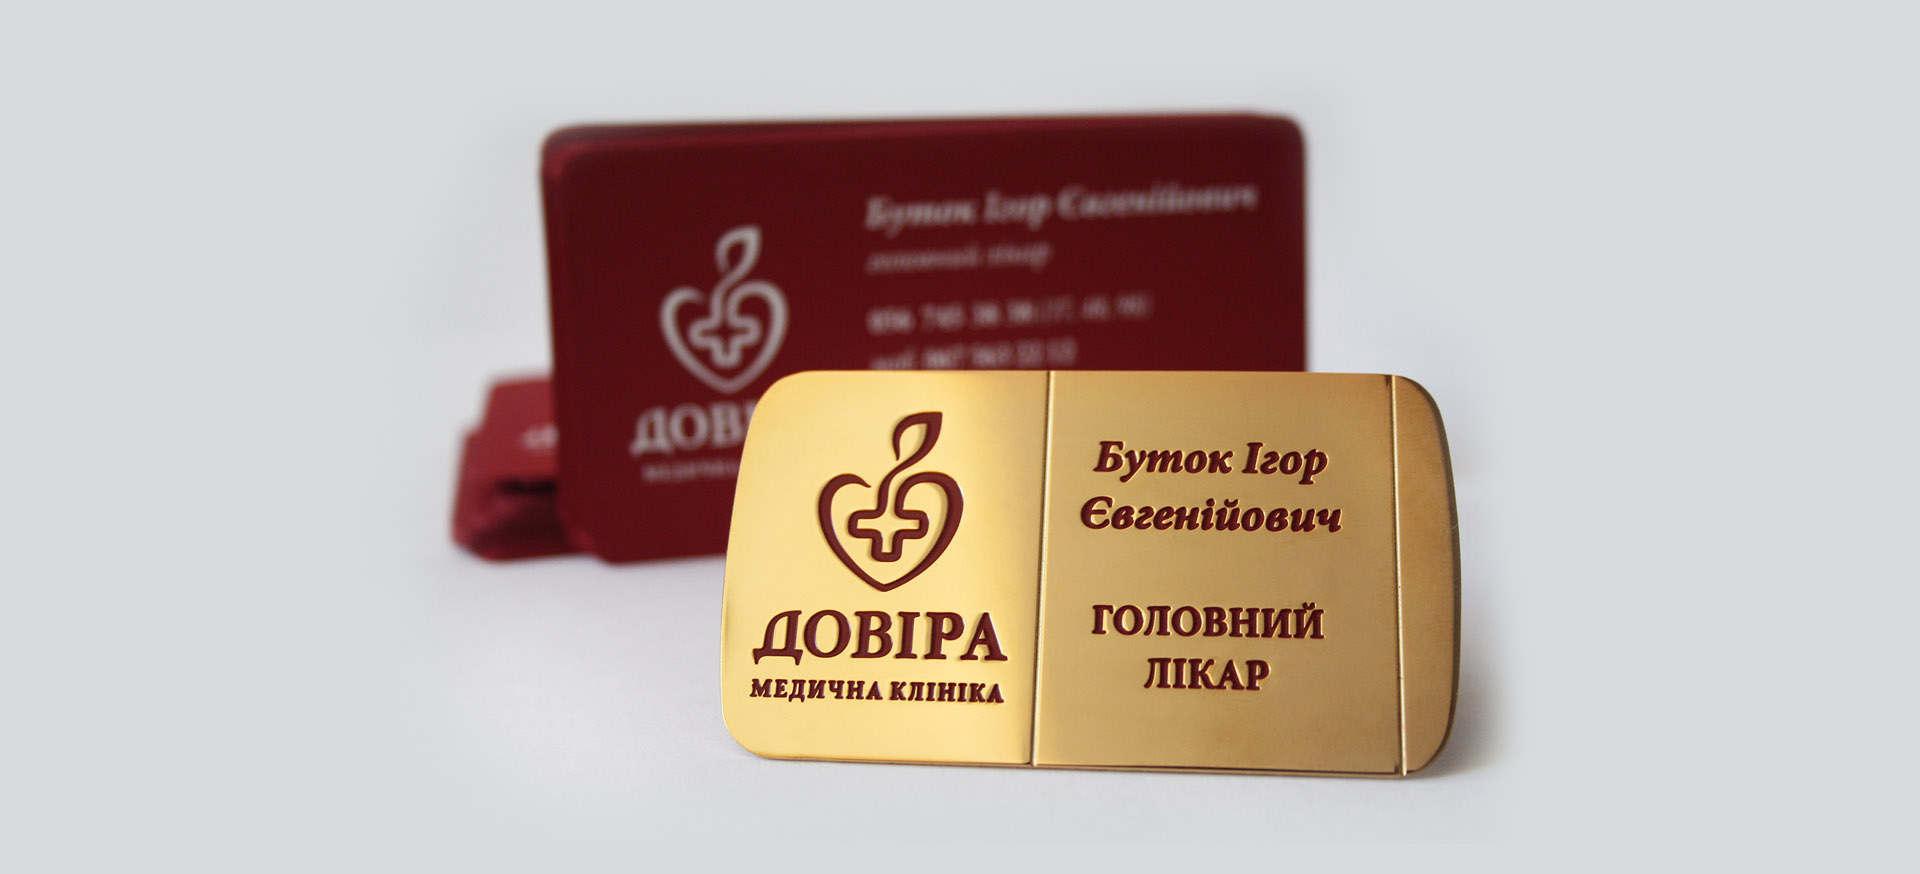 Фирменный бейдж медицинской клиники Довира, badge medical clinic Dovira